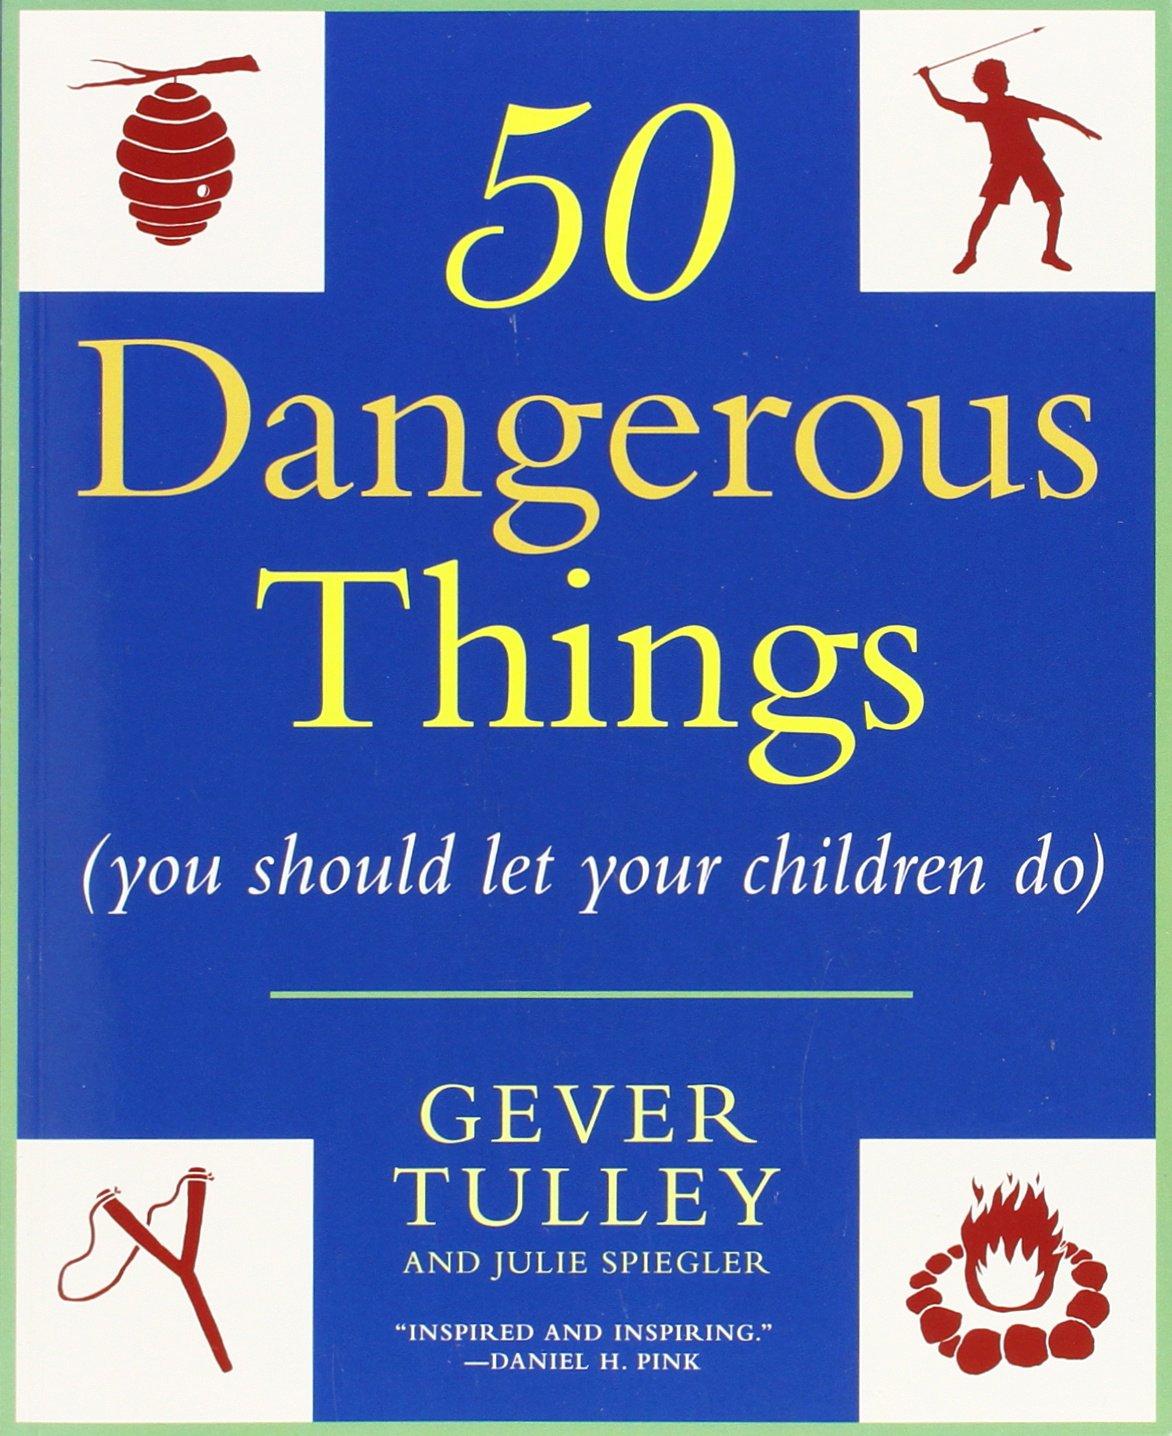 50 dangers